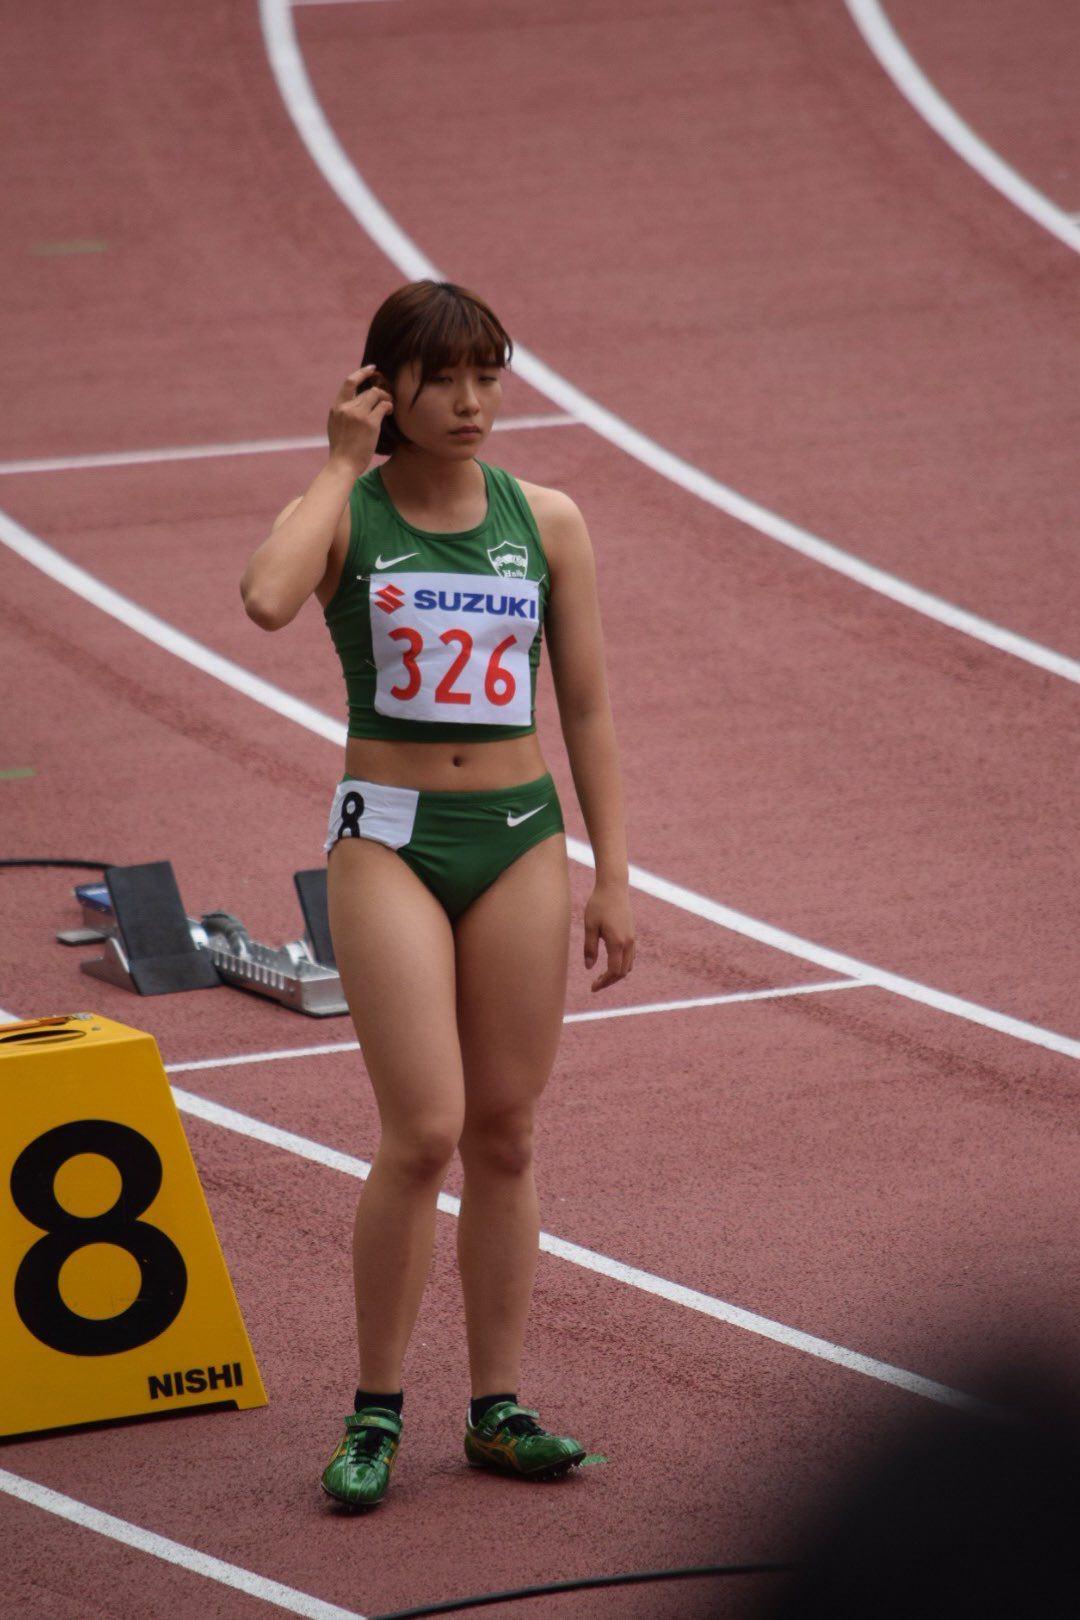 スポーツする女の子のクッソエロい画像をくださいwwwwww eCWGa2f